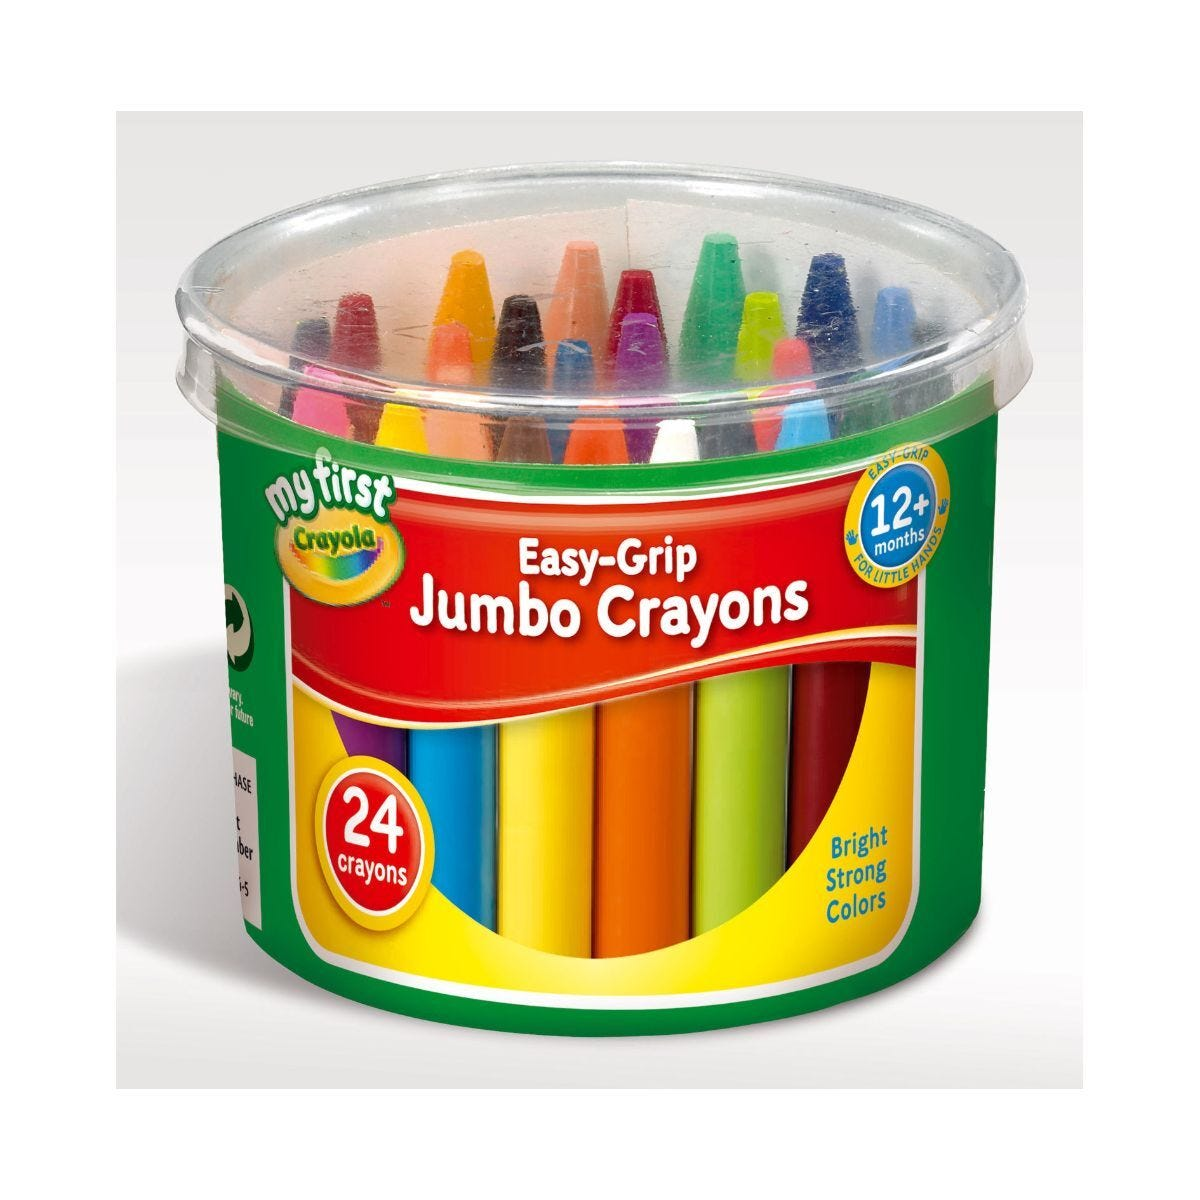 Crayola Jumbo Wax Crayons Tub Pack of 24